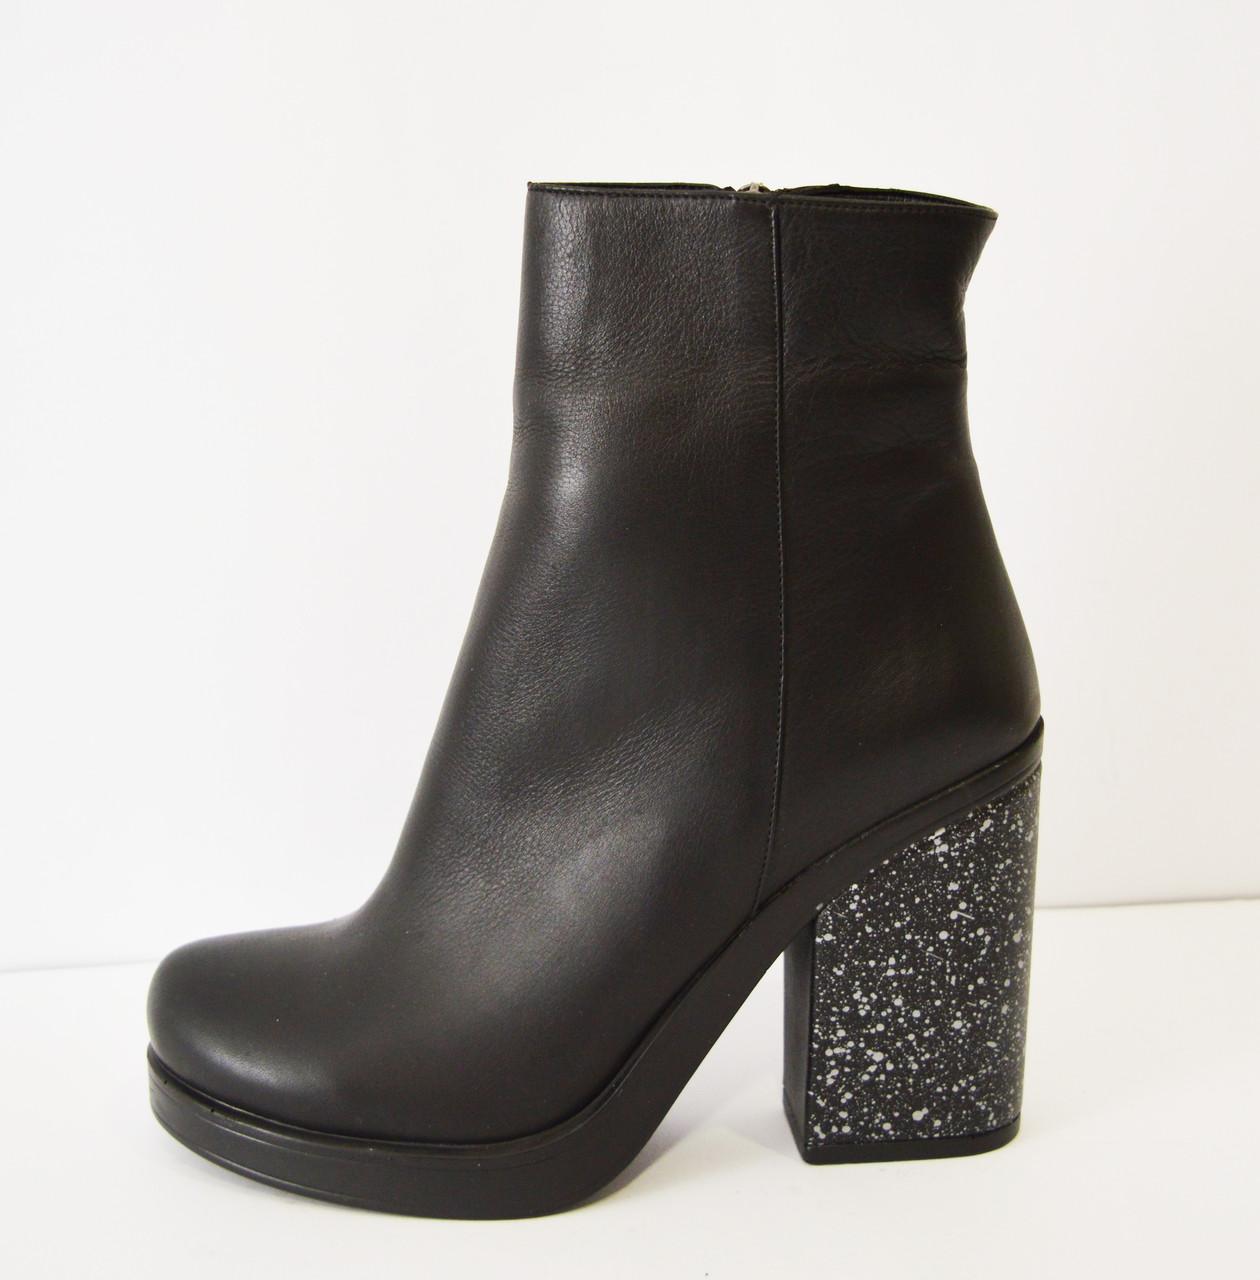 Ботинки женские кожаные осенние Guero 5453